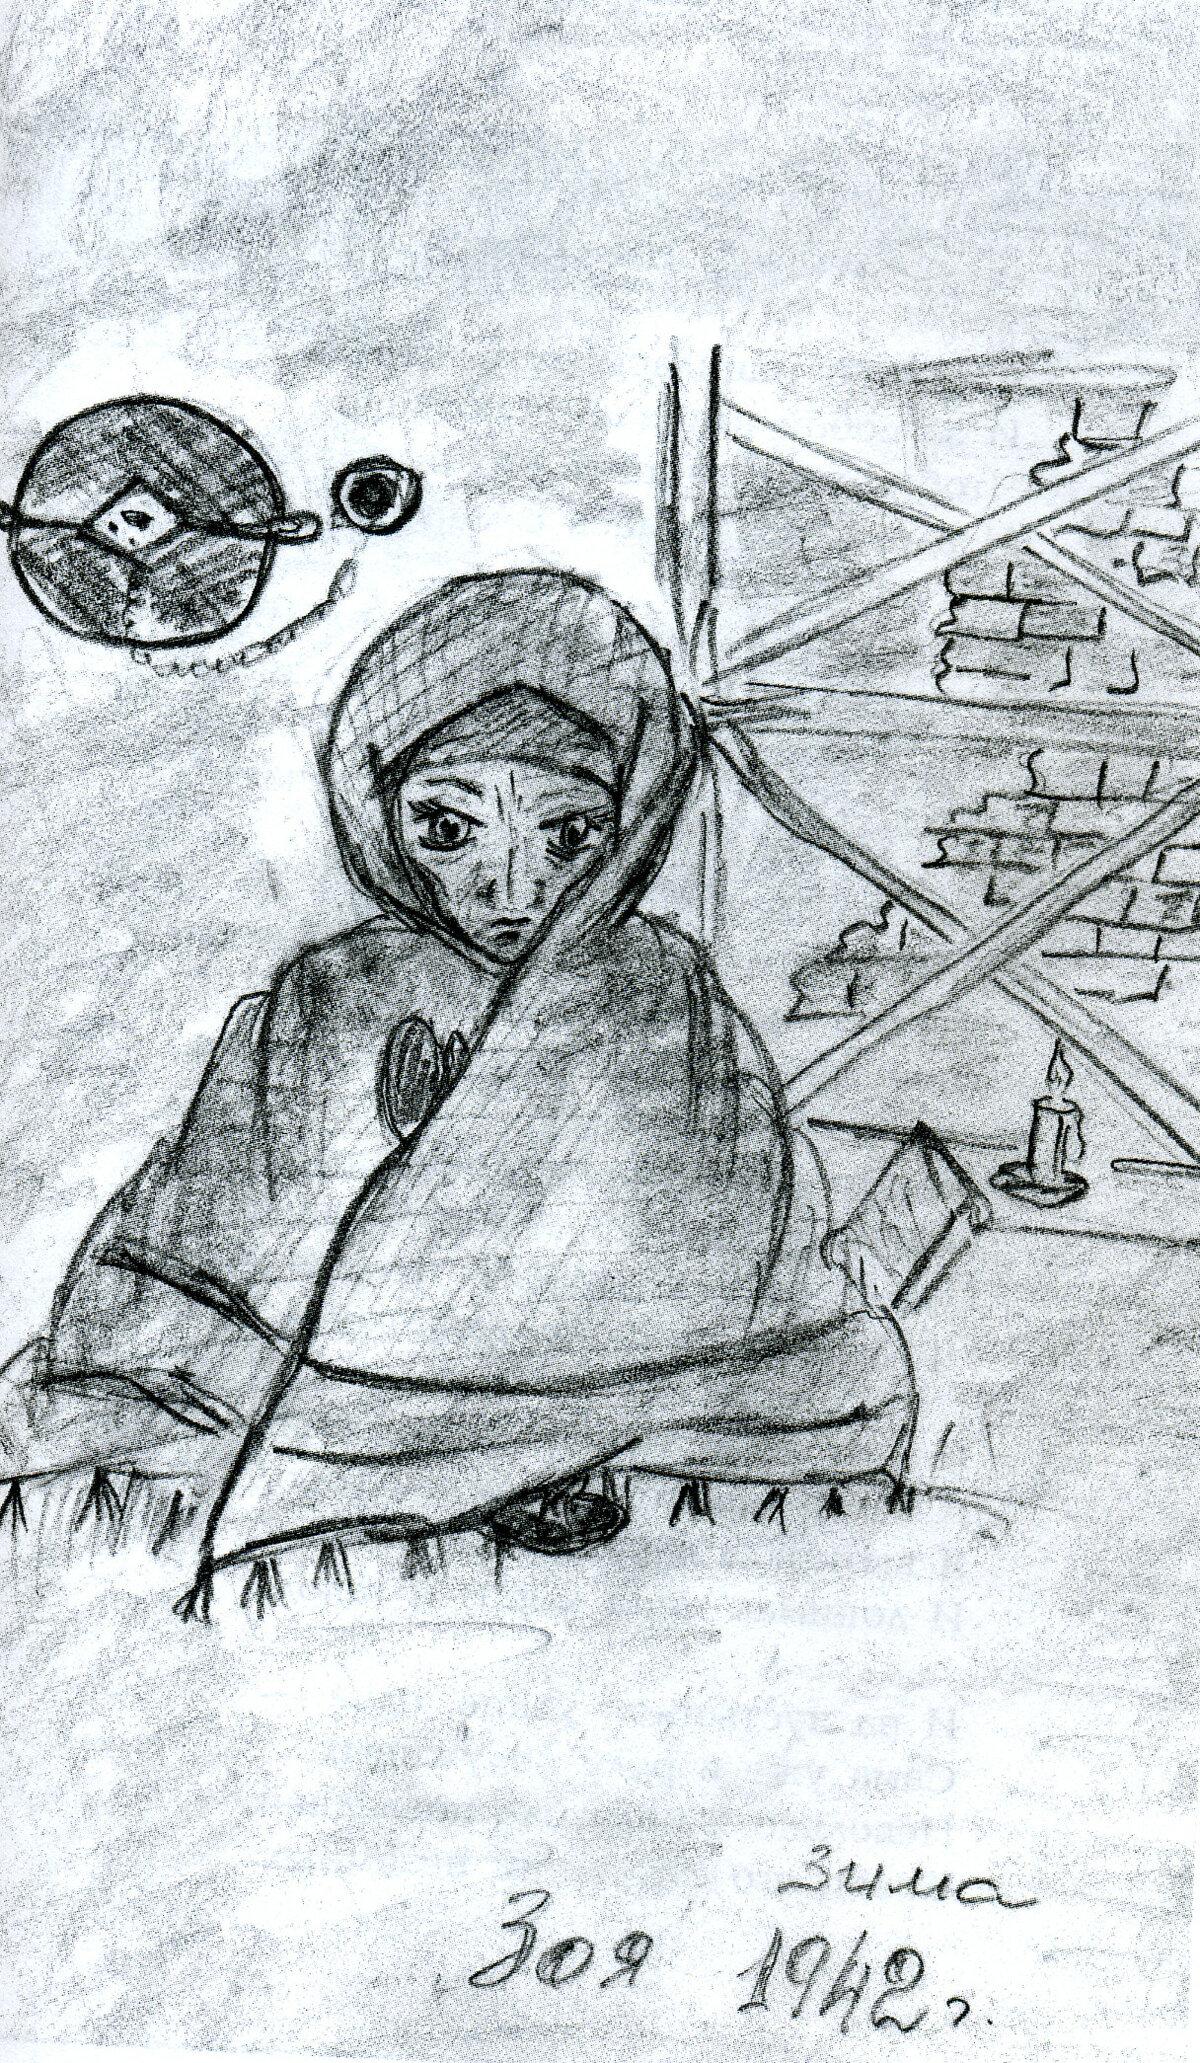 Блокады ленинграда картинки рисунки, купмть клевые